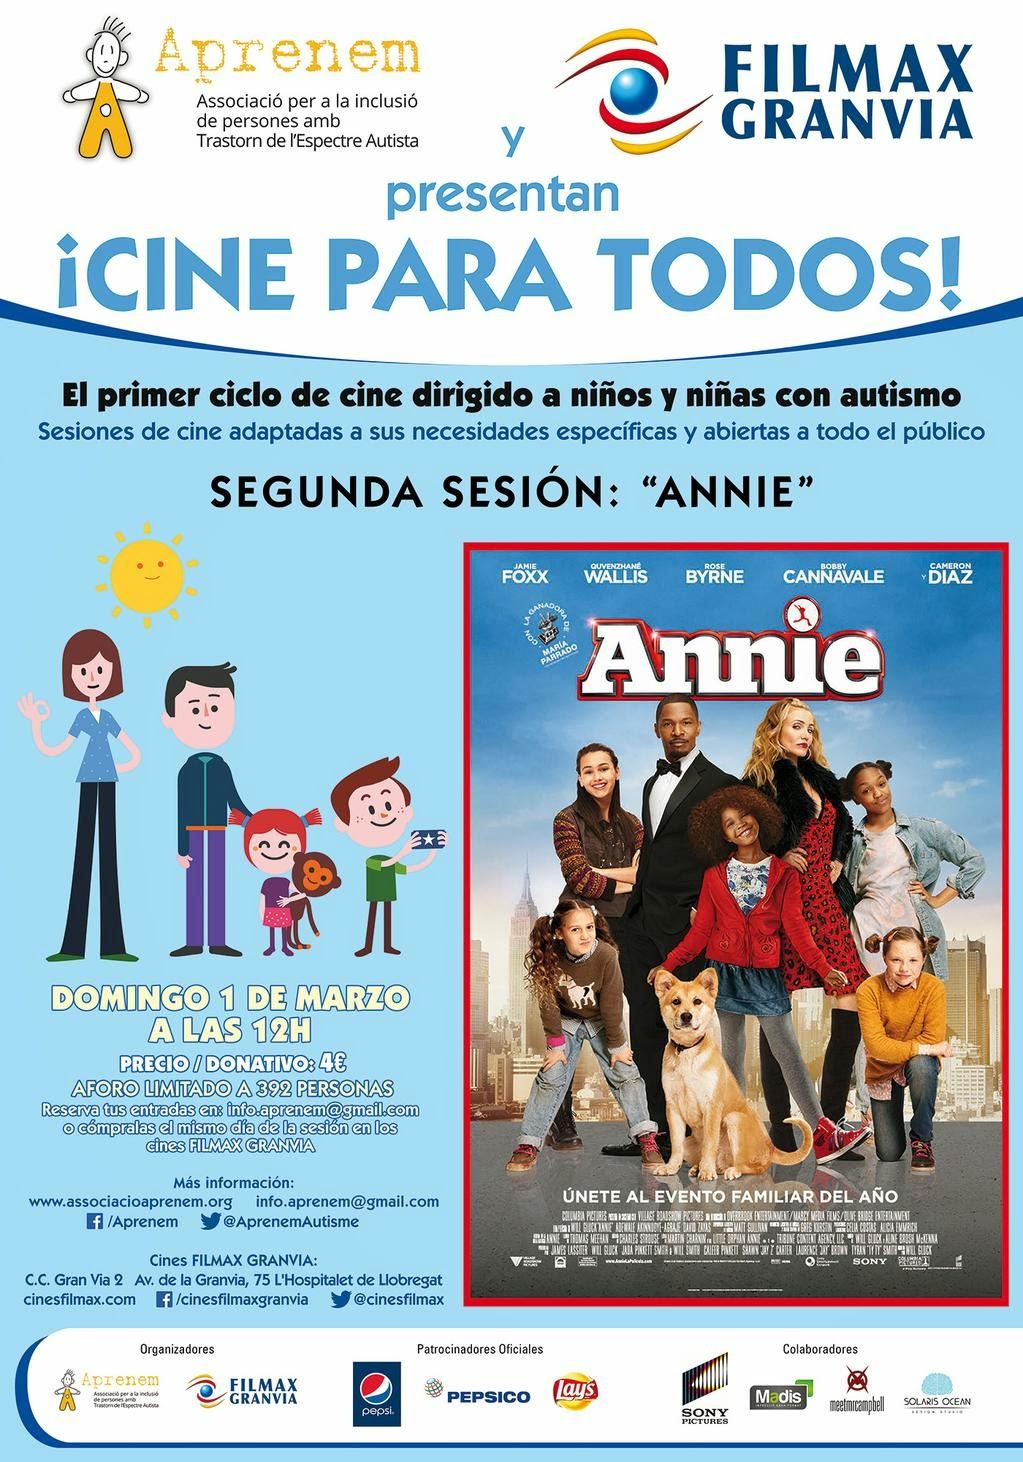 Aprenem y Cines Filmax Granvia organizan la segunda sesión de 'Autism friendly' en España.